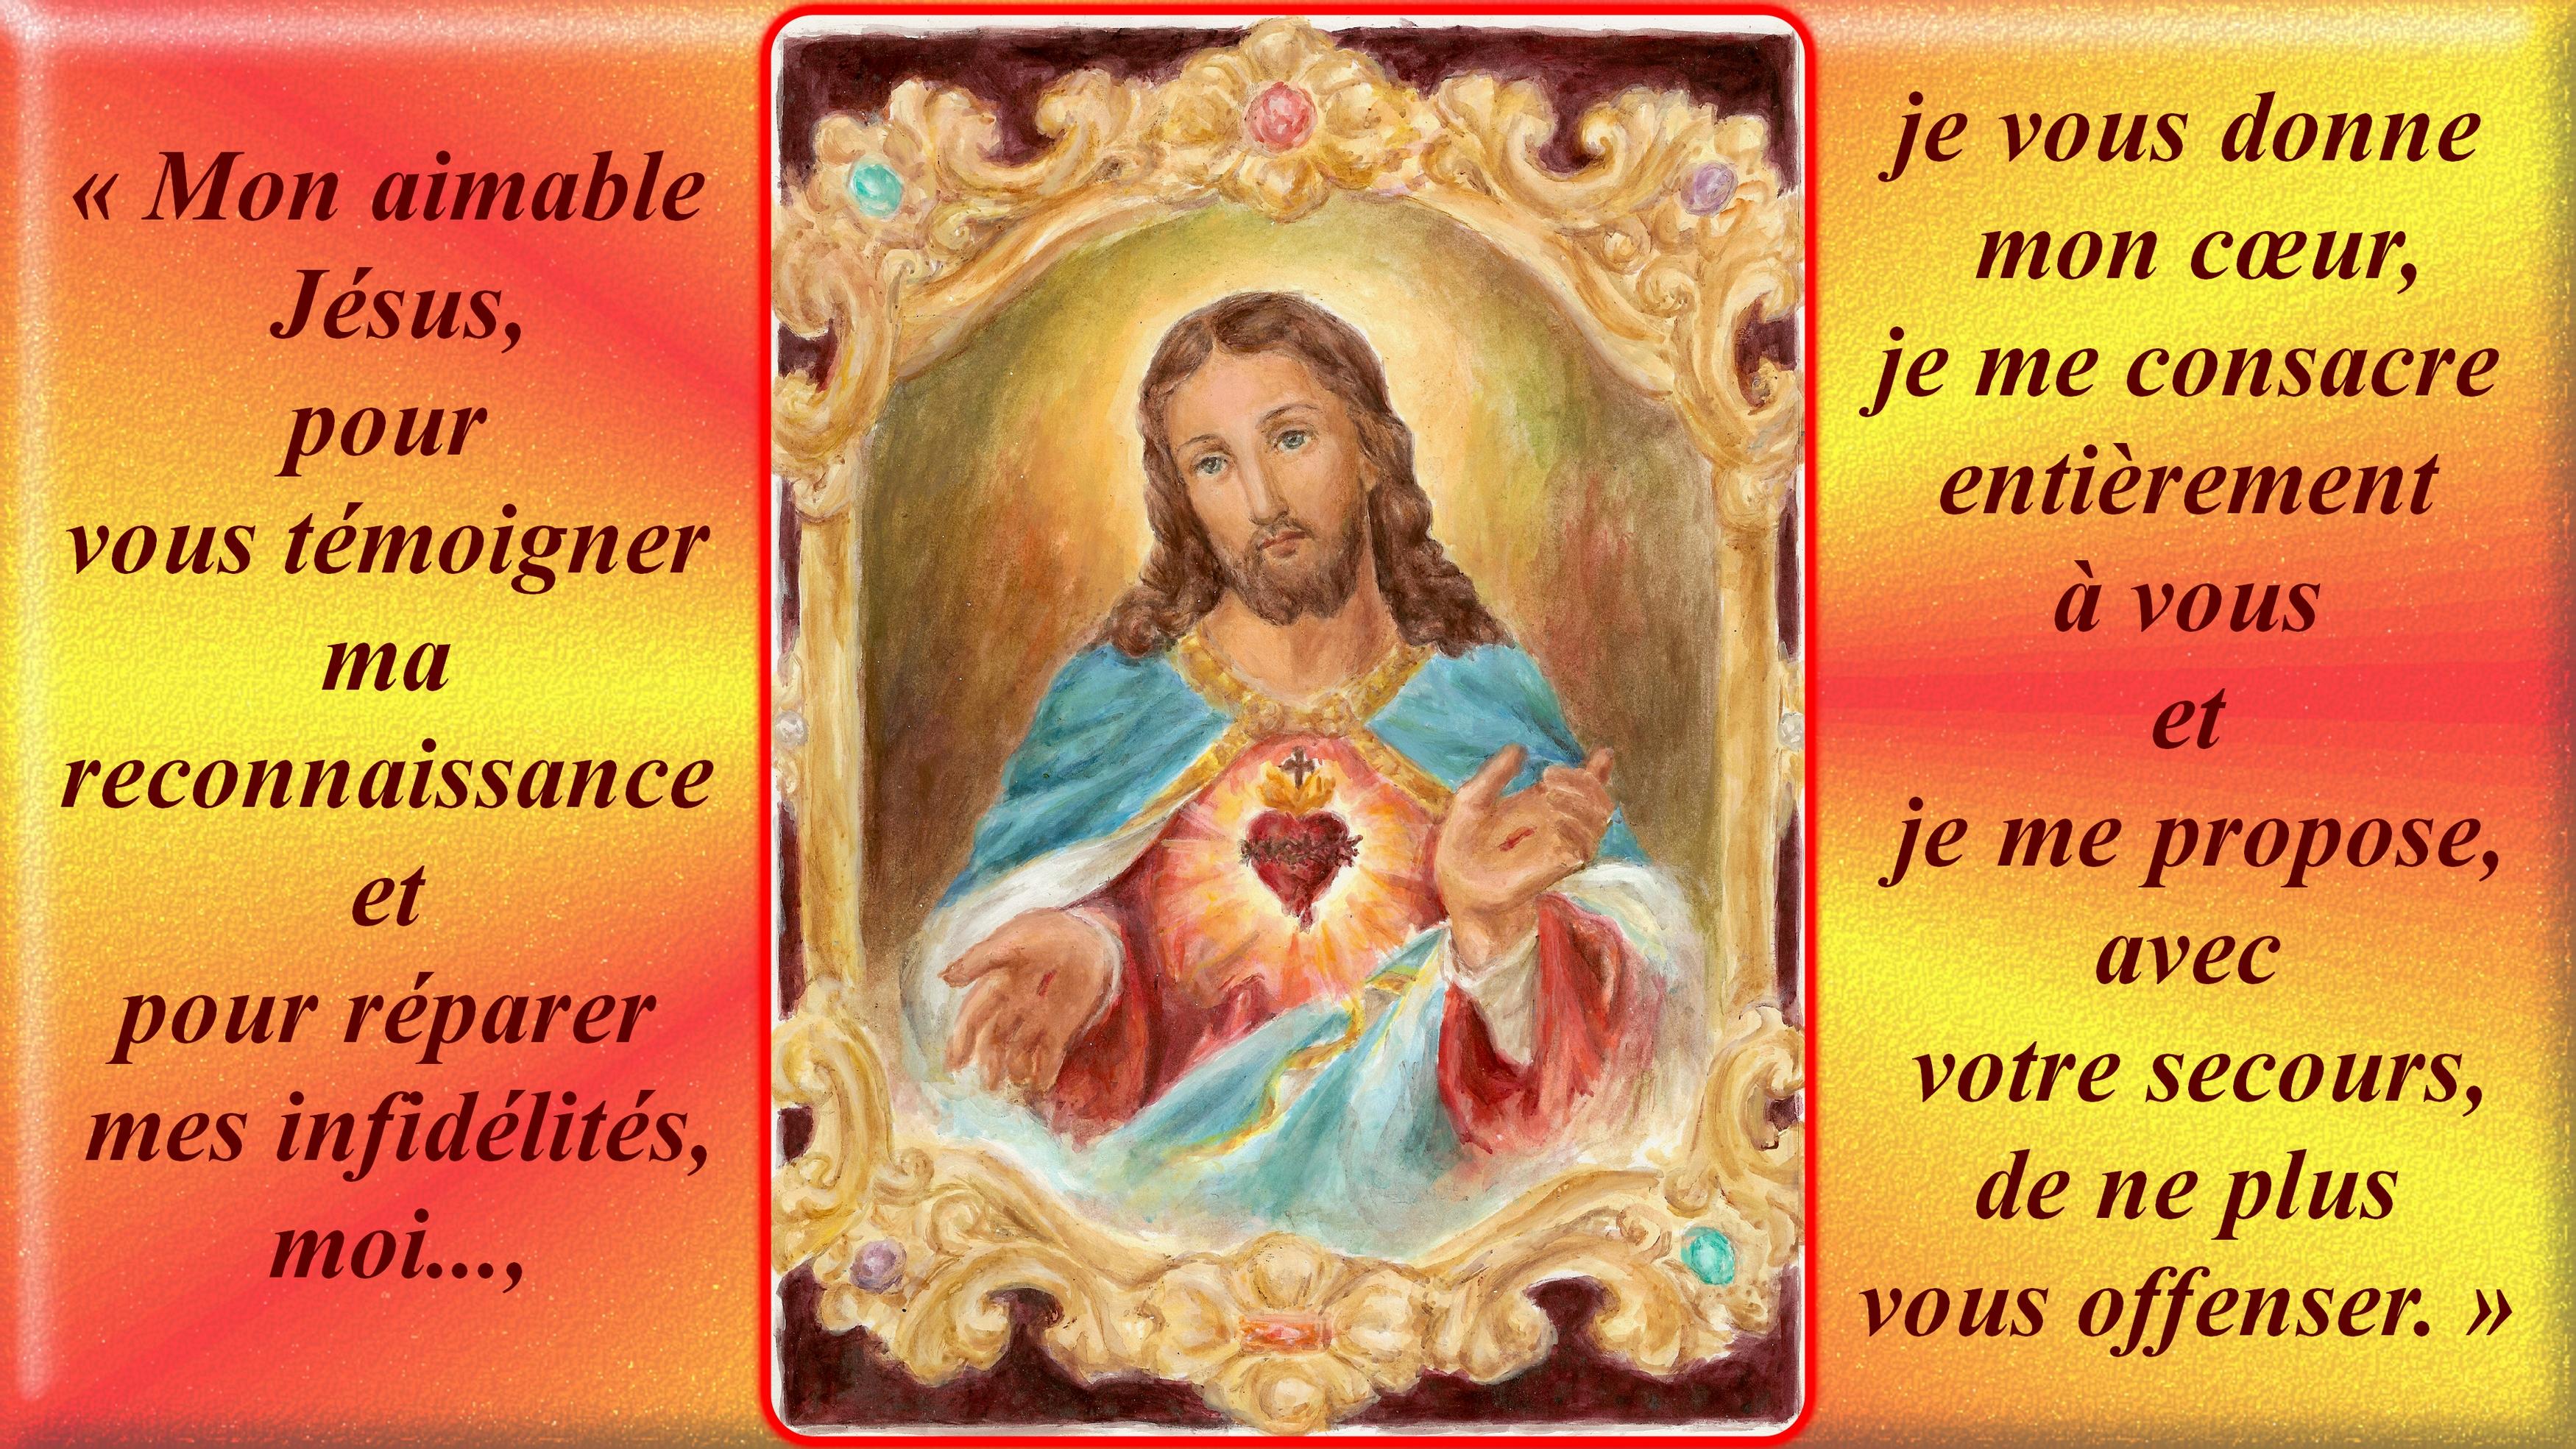 La CONTRITION PARFAITE & la COMMUNION SPIRITUELLE Cons-cration-au-sacr--coeur-555f31b